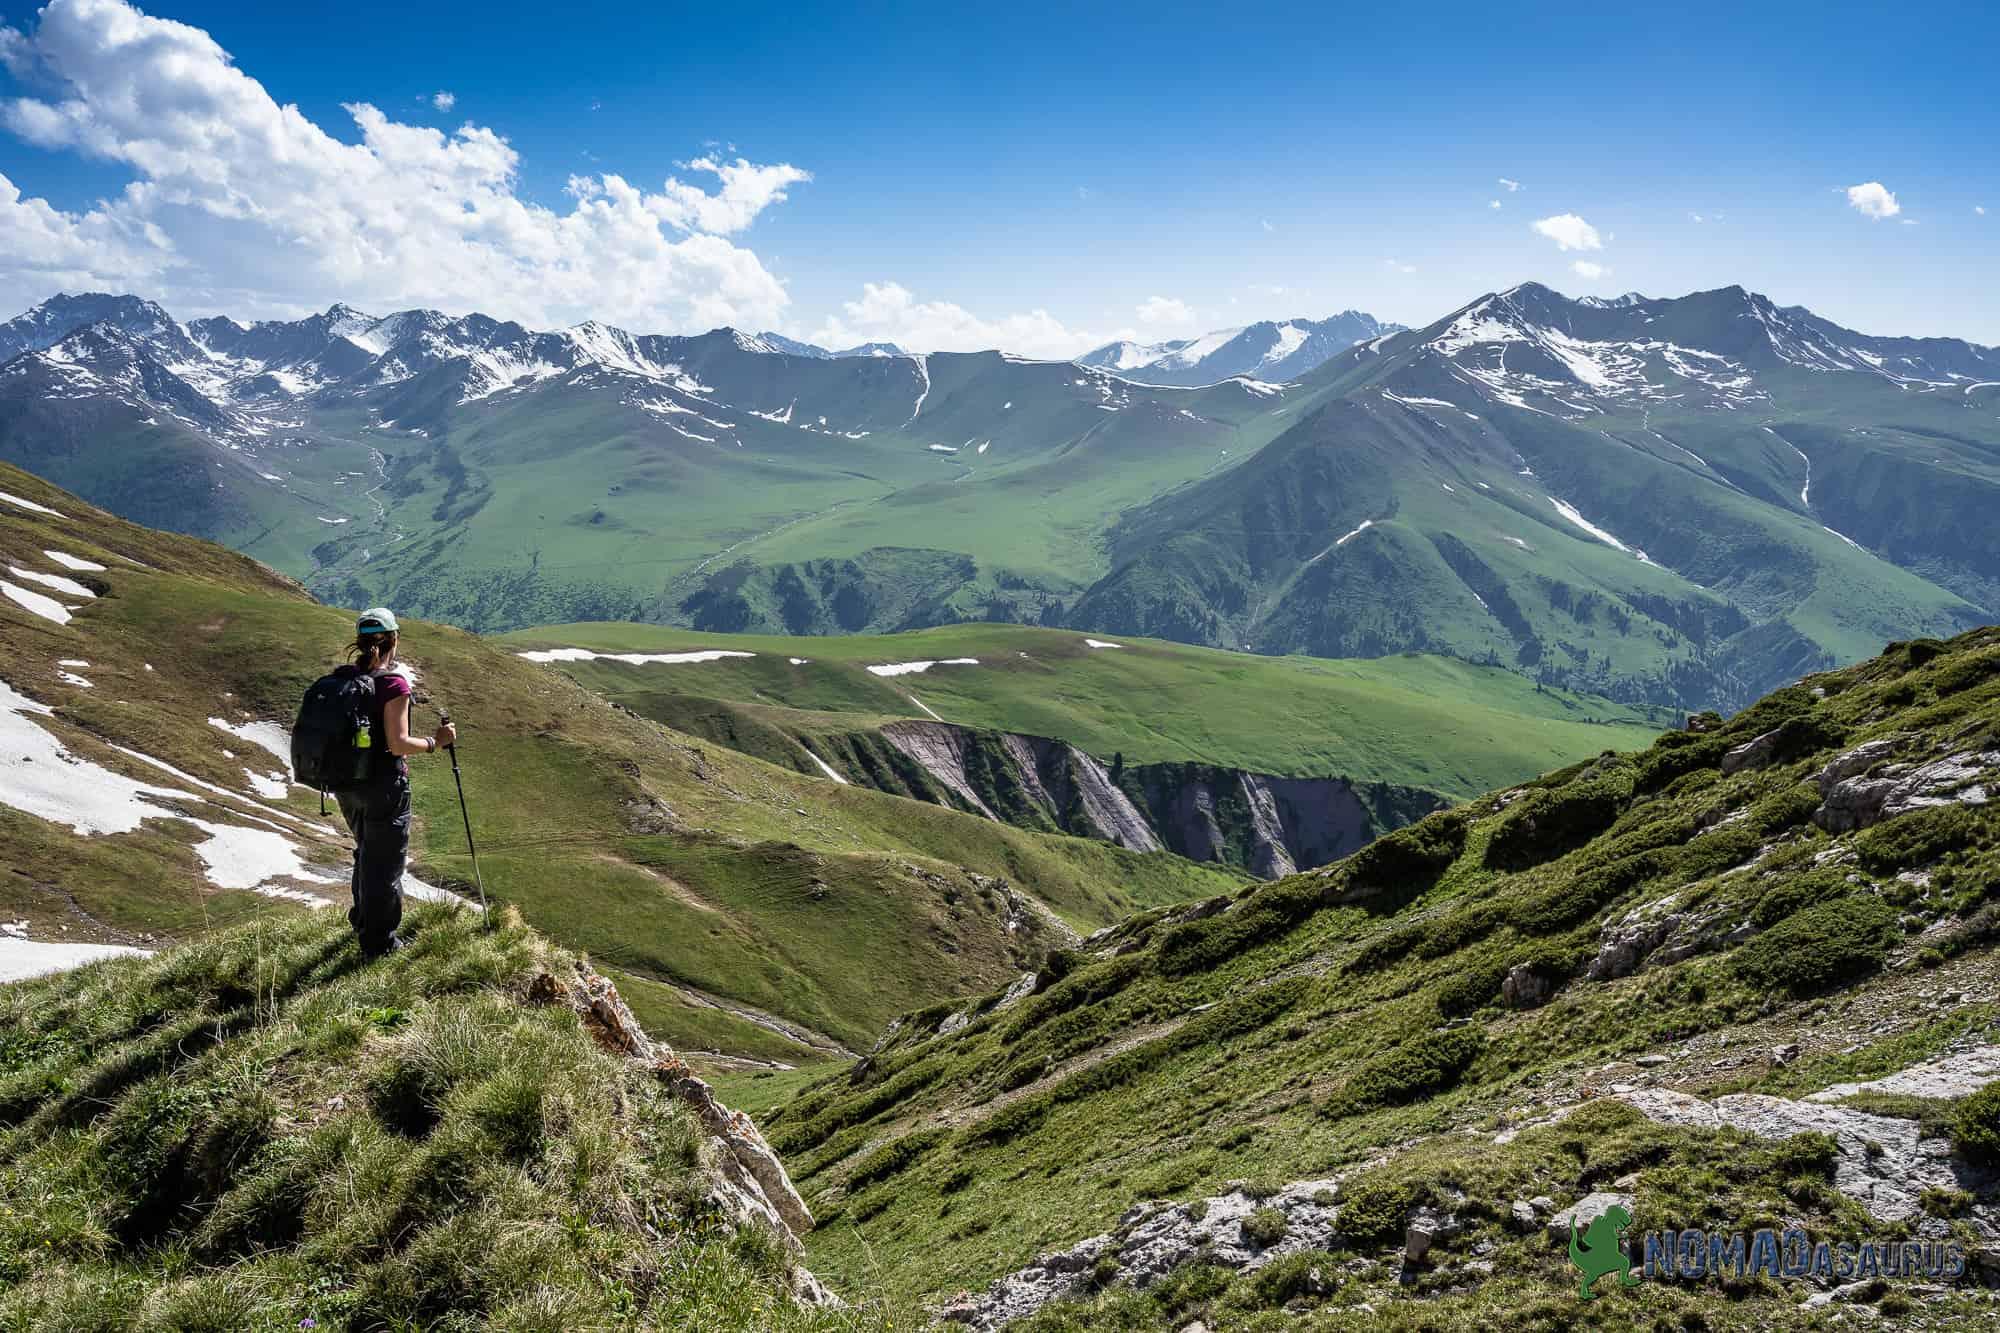 Trekking in Jyrgalan